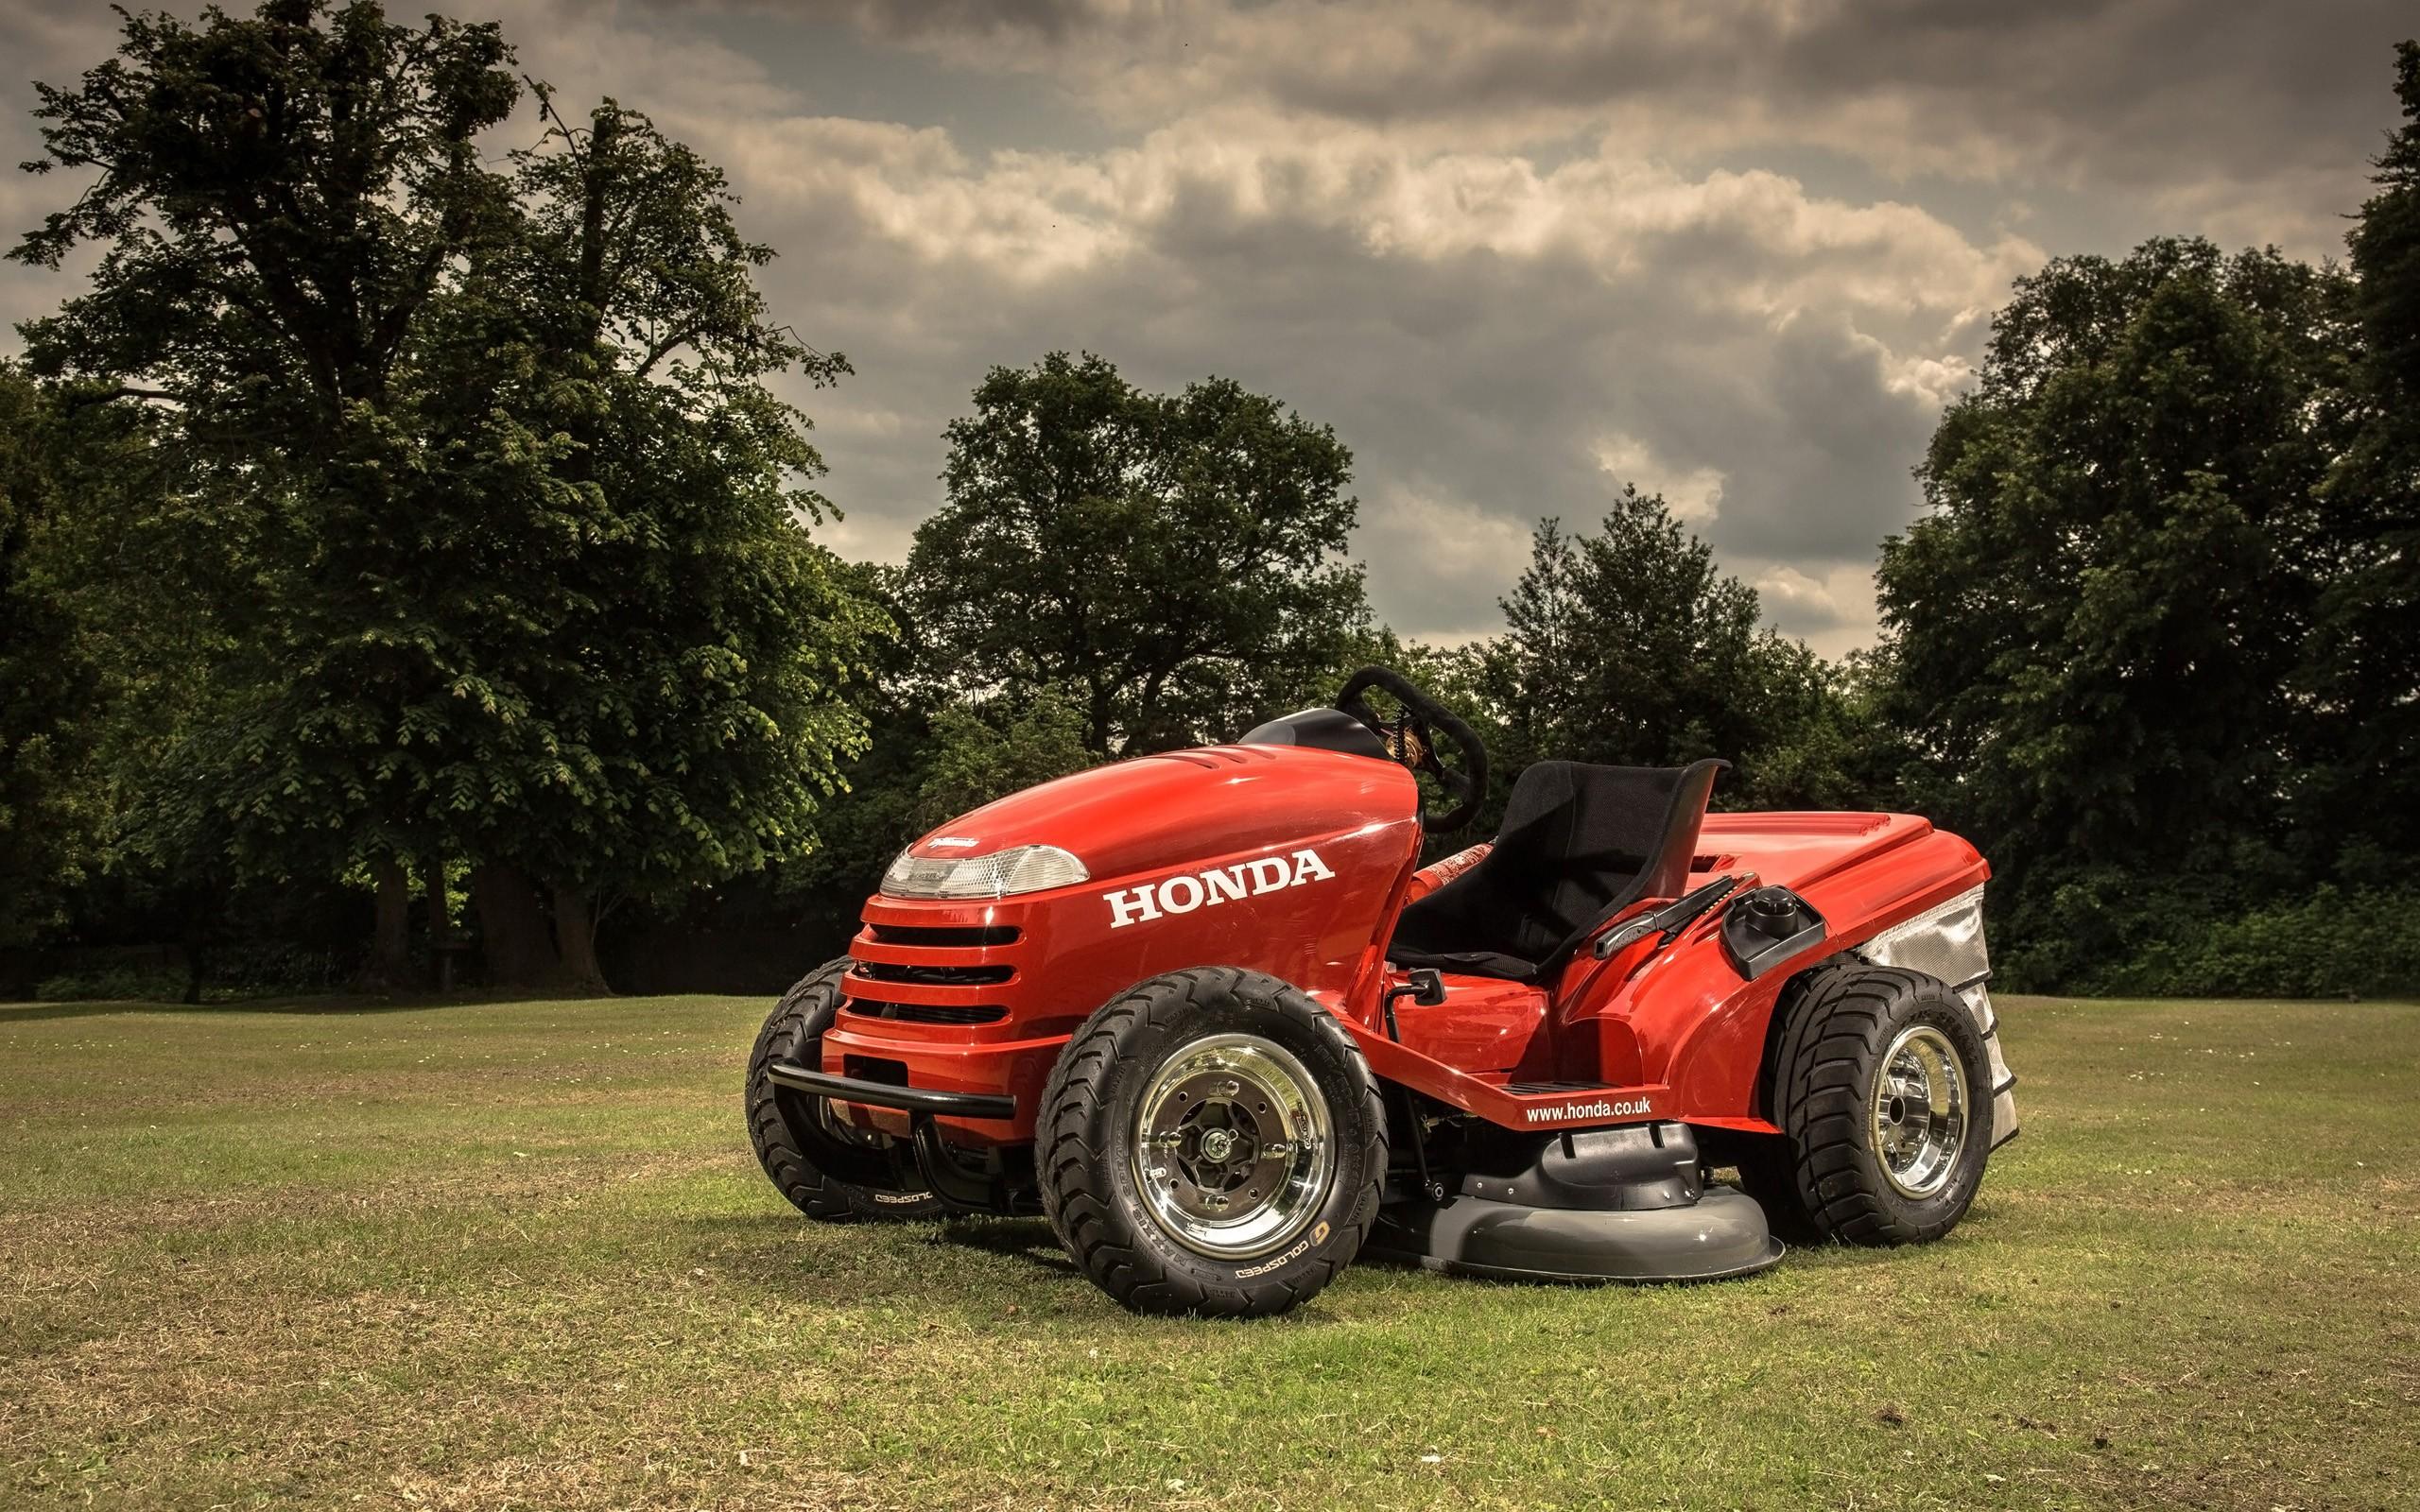 2013 Honda Mean Mower Wallpaper Hd Car Wallpapers Id 4027